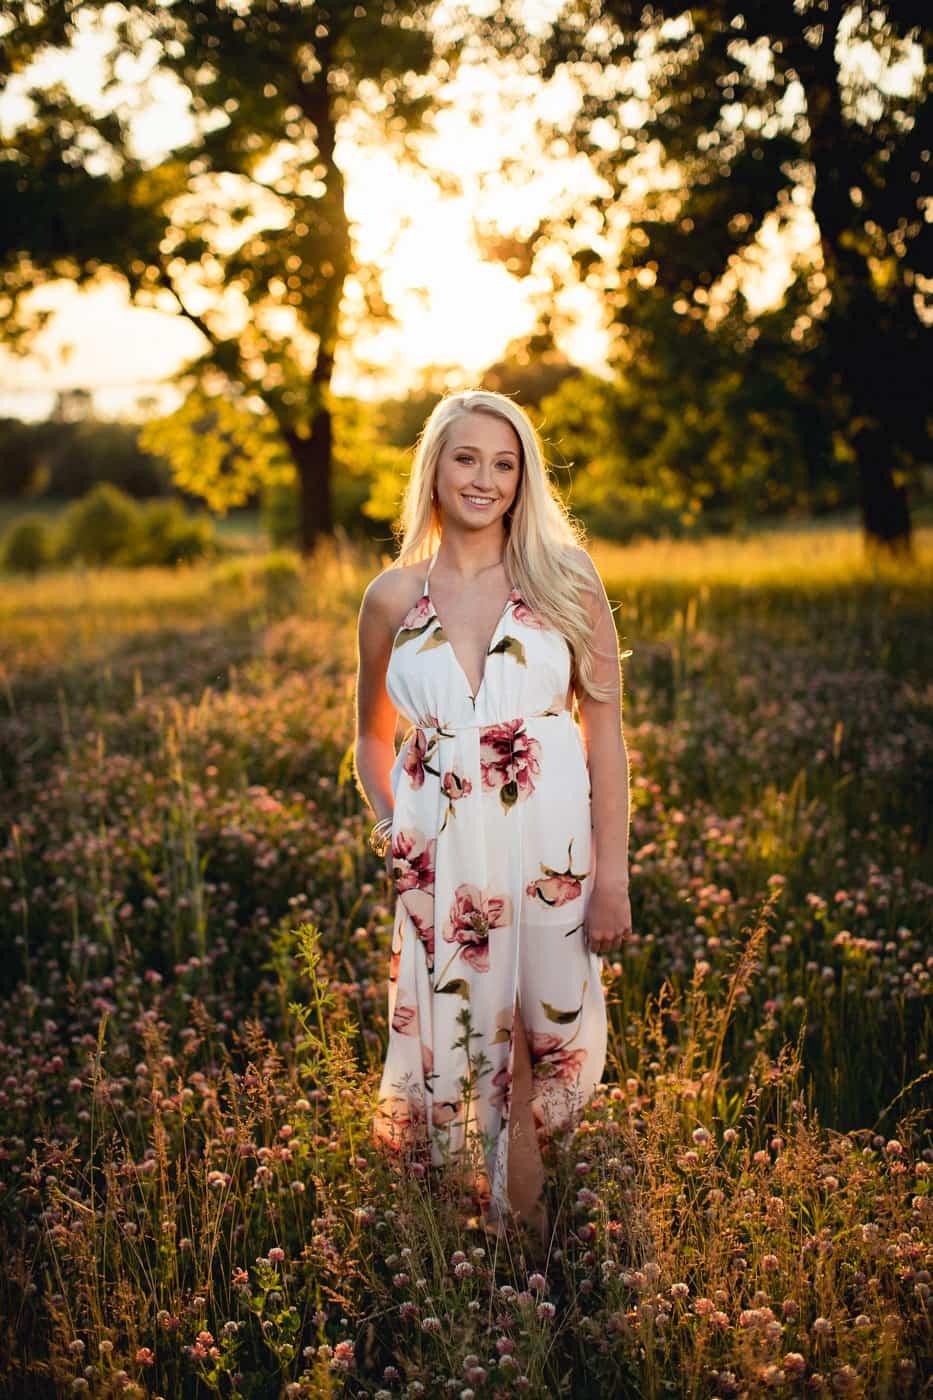 Spring Senior Pictures